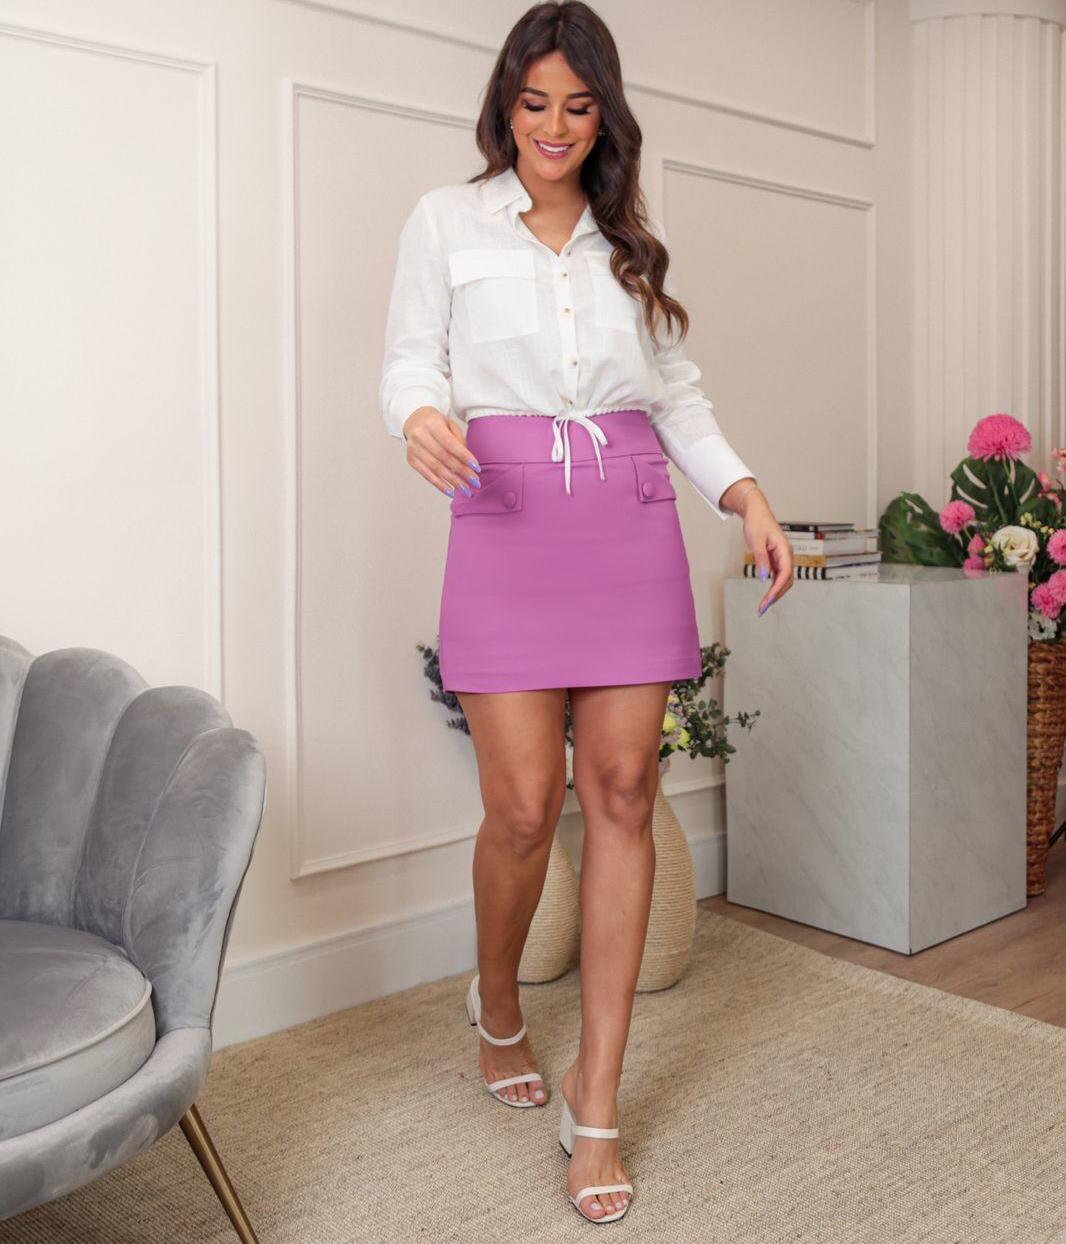 Shorts Saia Helena Pala Larga Cintura Detalhe Bolsos Botões 50% Algodão 47% Poliamida 3% Elastano